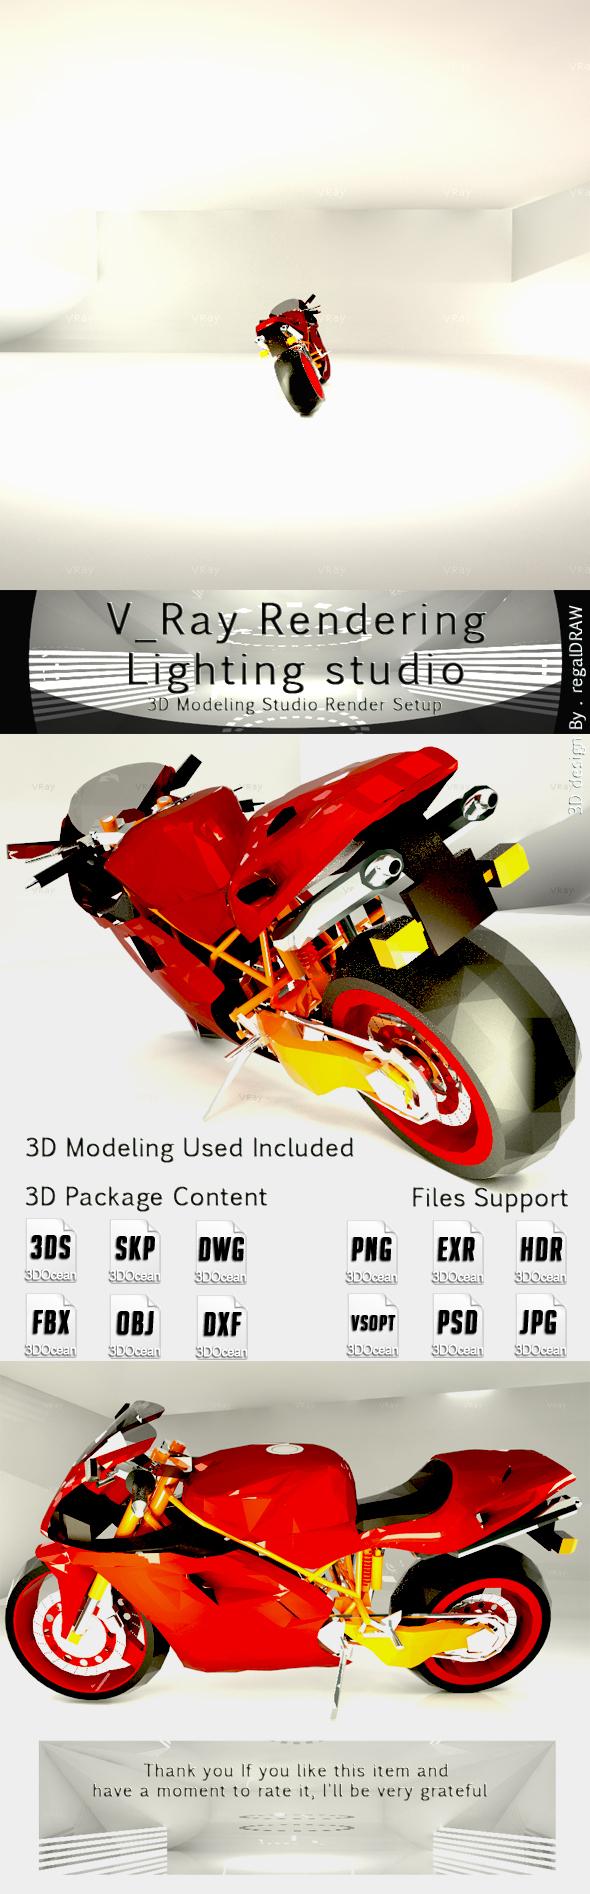 V_Ray Rendering Light Studio